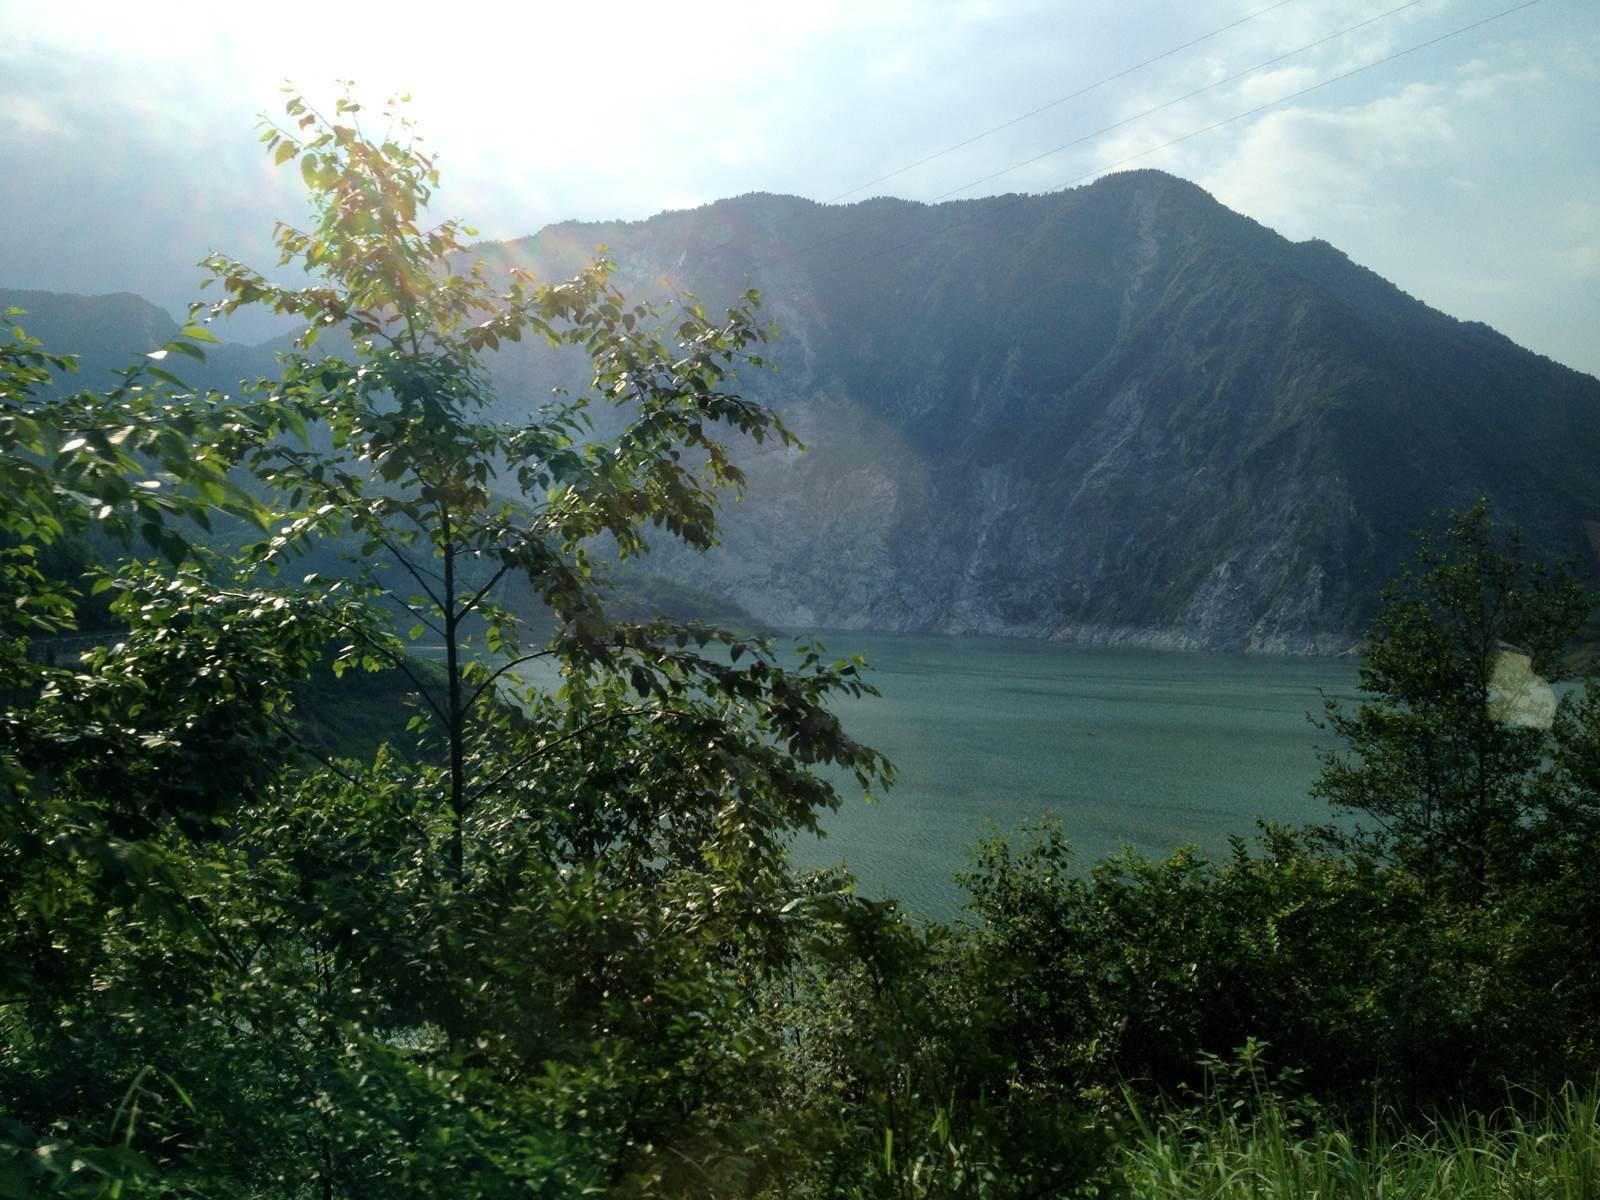 都江堰-水磨羌镇-三江藏乡-映秀镇